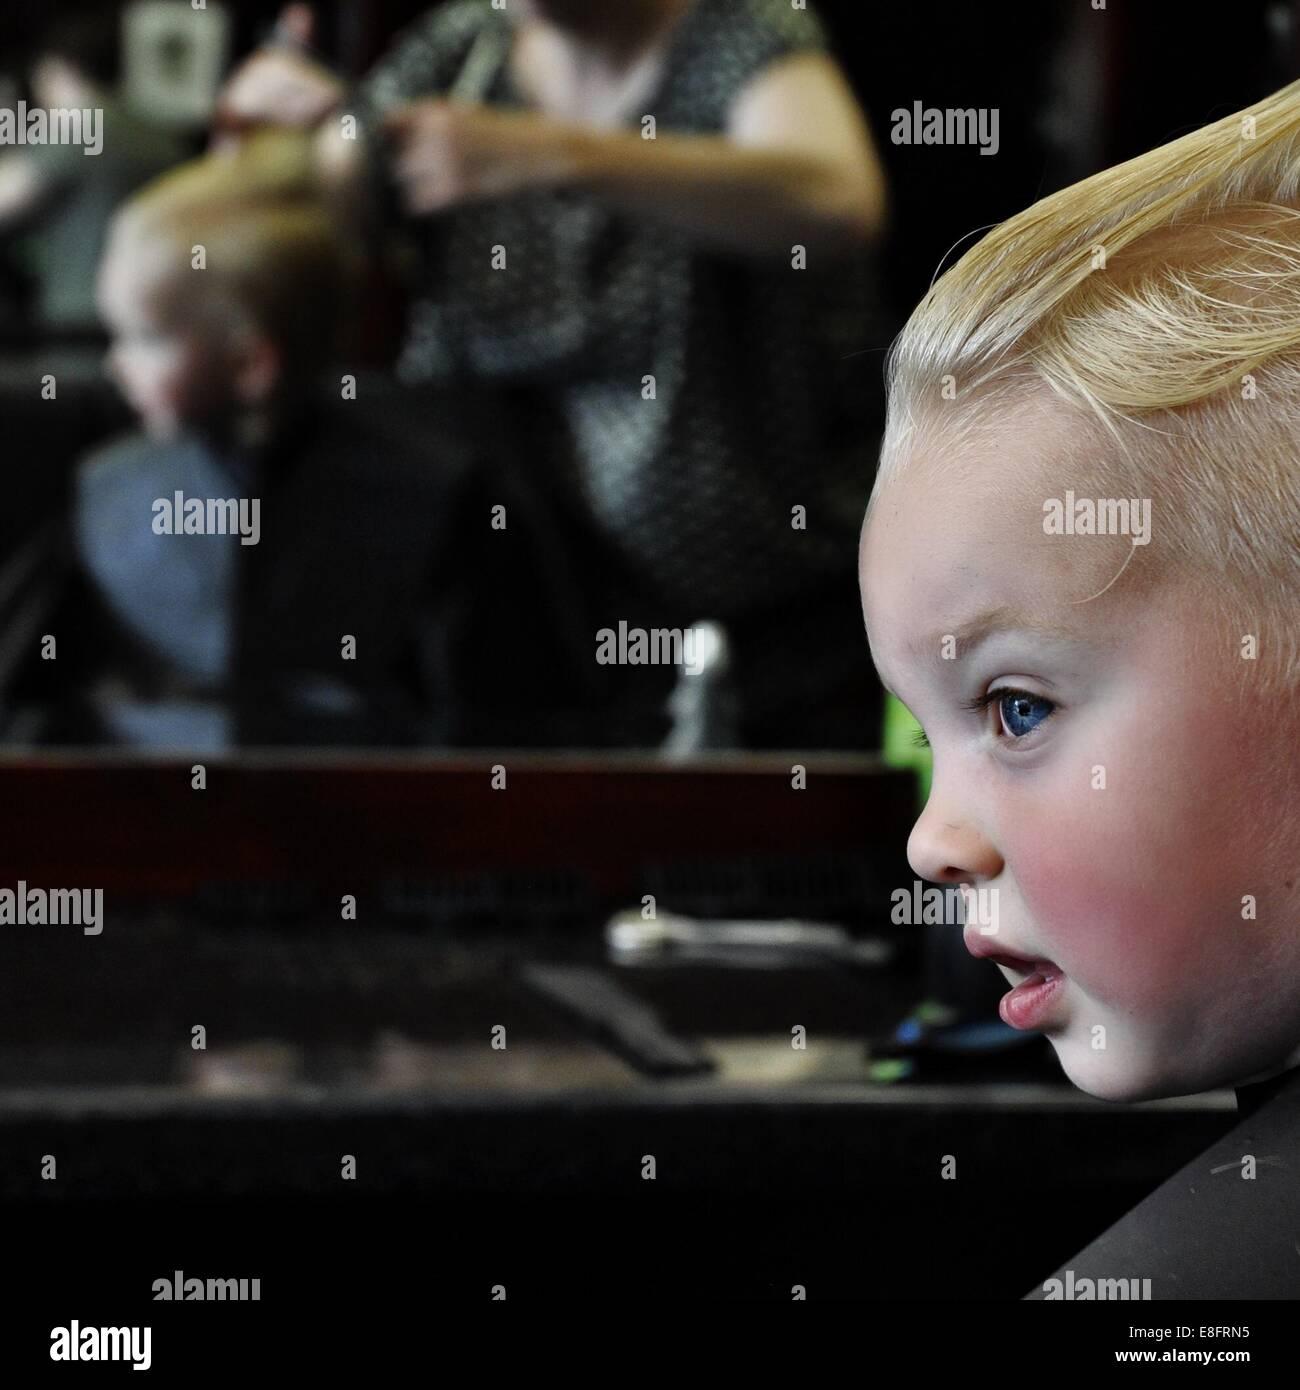 Junge mit Haare schneiden bei Friseuren Stockbild